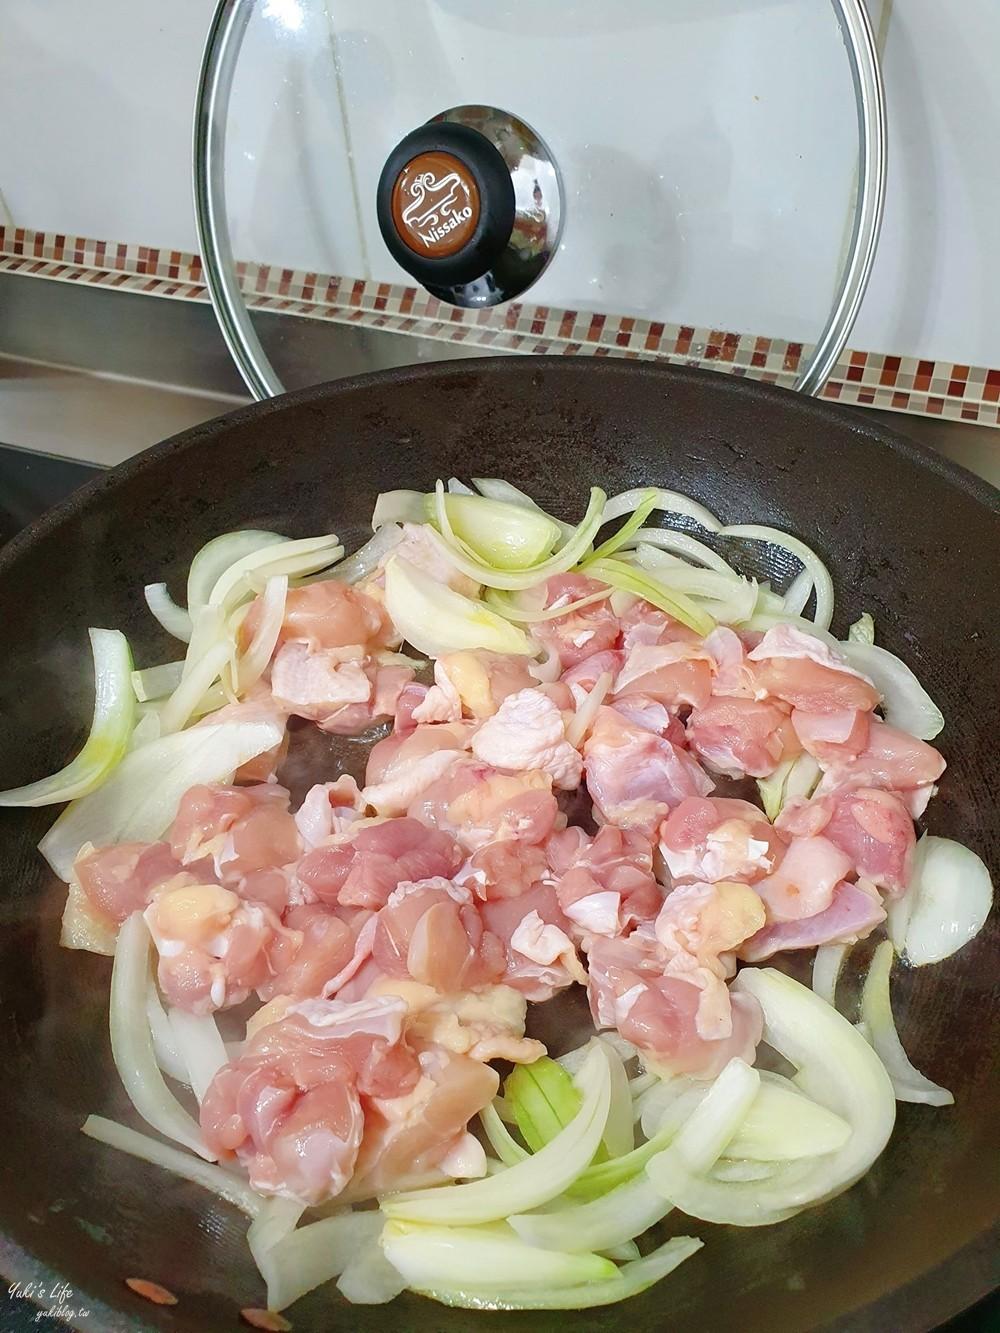 簡單食譜》滑蛋雞肉~配白飯吃就是雞肉親子丼嘍!餐廳菜超簡單! - yukiblog.tw